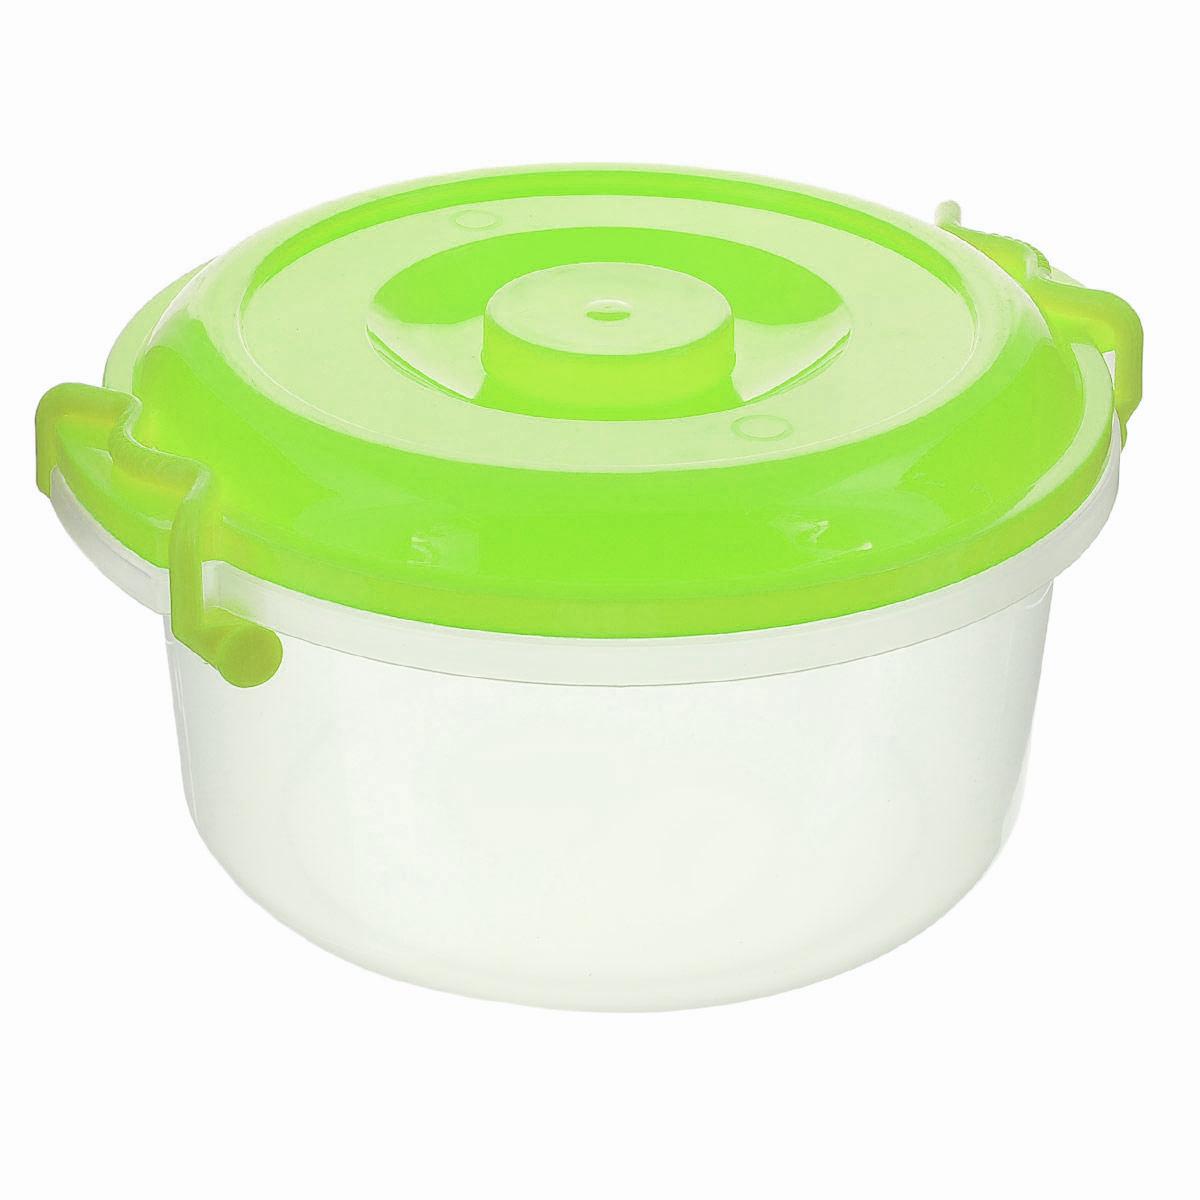 Контейнер Альтернатива, цвет: прозрачный, зеленый, 5 л ящик универсальный альтернатива раскладной 38 5 х 25 5 см